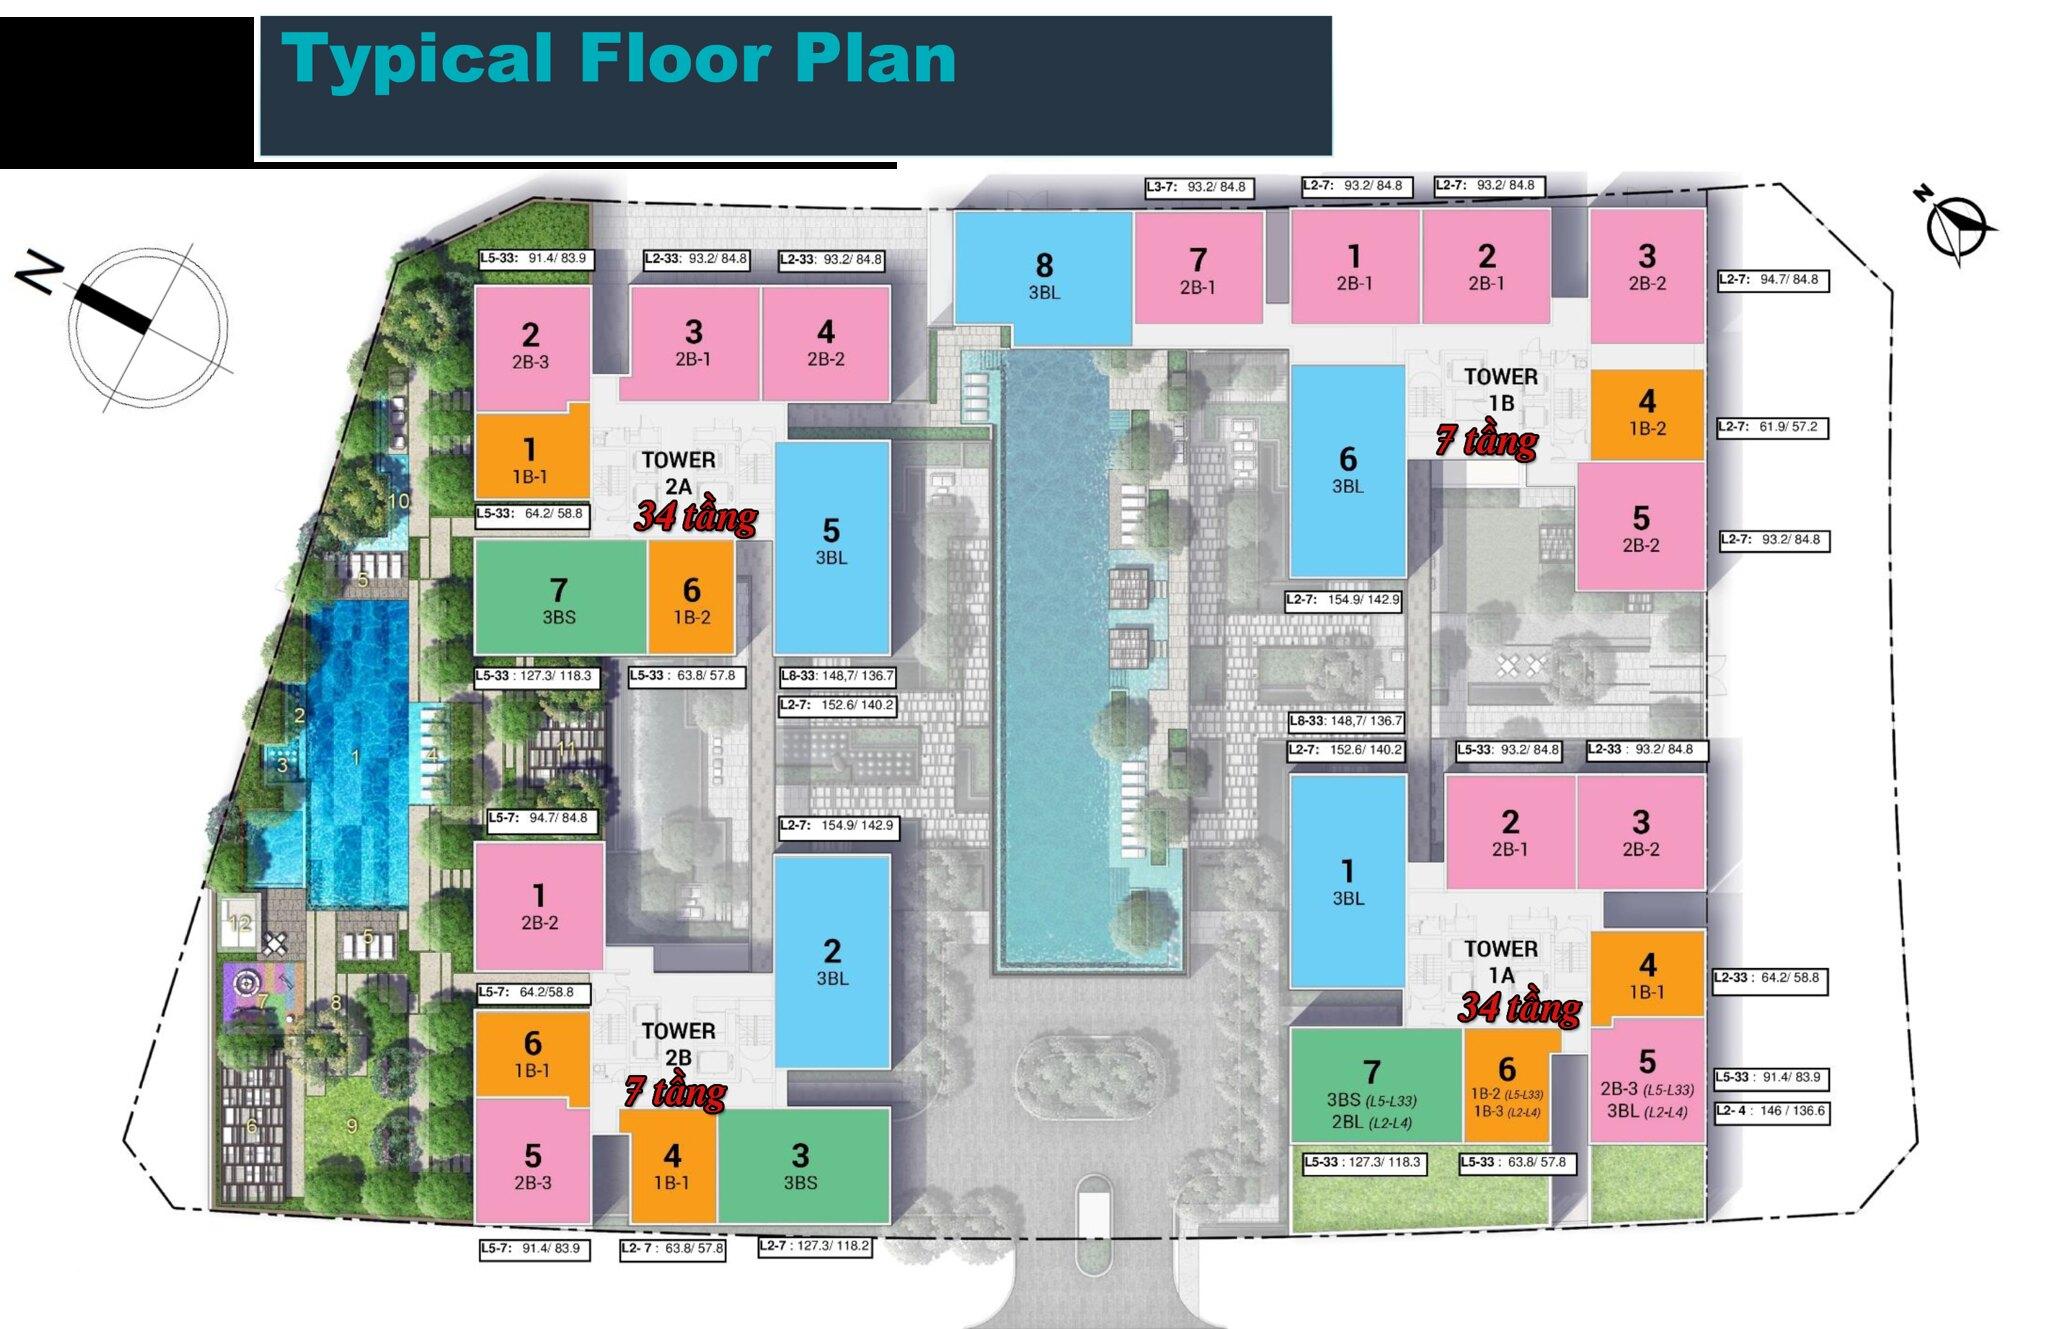 Bán căn hộ empire 1 phòng ngủ Mặt bằng tầng điển hình tòa Linden Empire City: trong đó tòa T1A và T2A cao 34 tầng, T1B và T2B cao 7 tầng